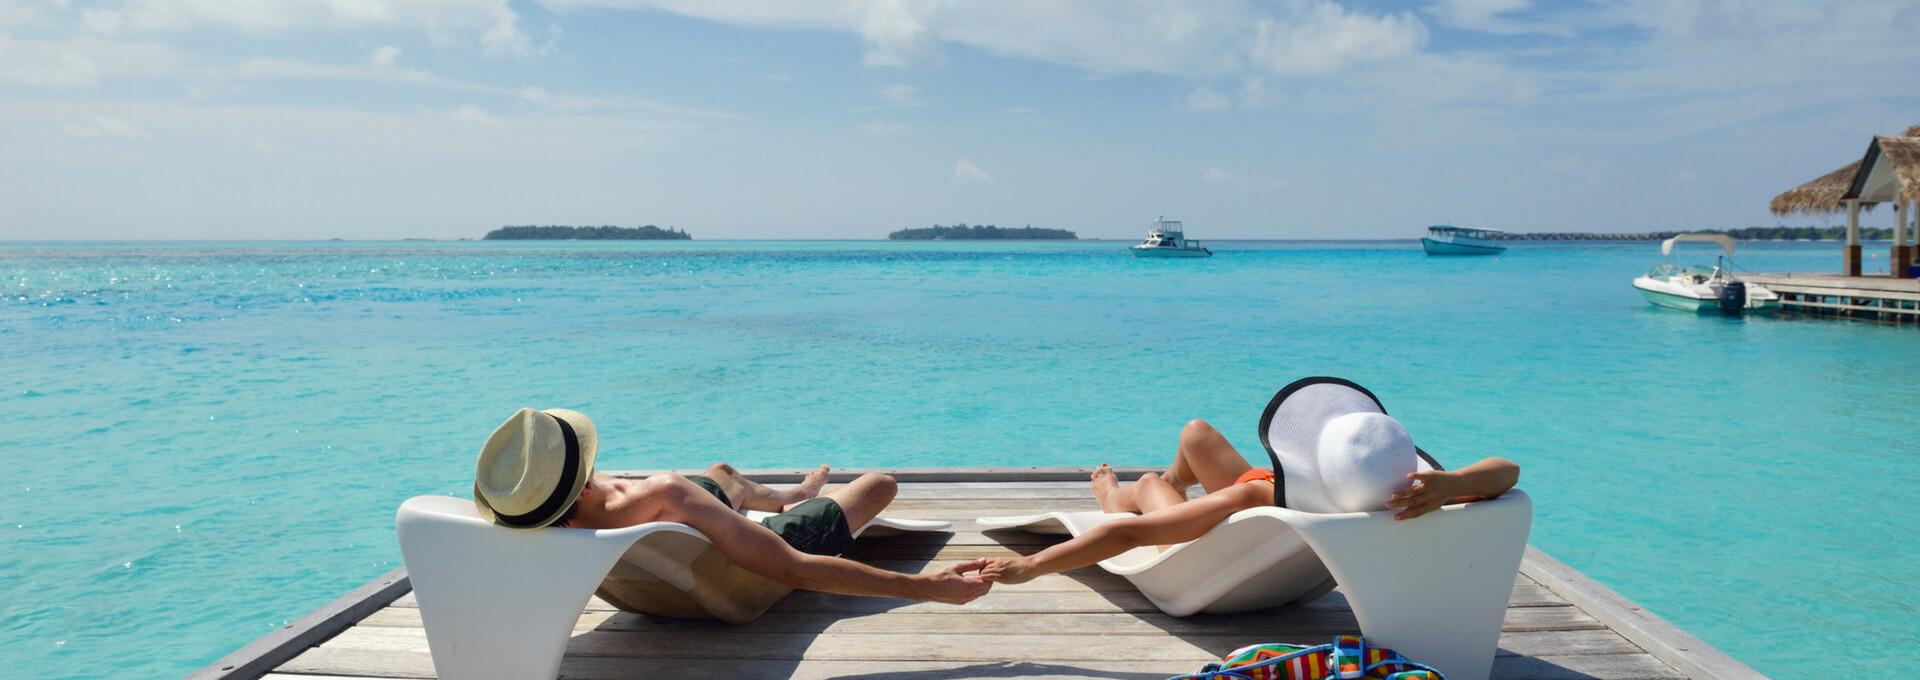 luksusowe życie worldmaster, egzotyczne wakacje, błękit oceanu, luksus po polsku, gdzie na wakacje, lato na bogato, kto bogatemu zabroni, travel i podróże, traveller, podróżnik